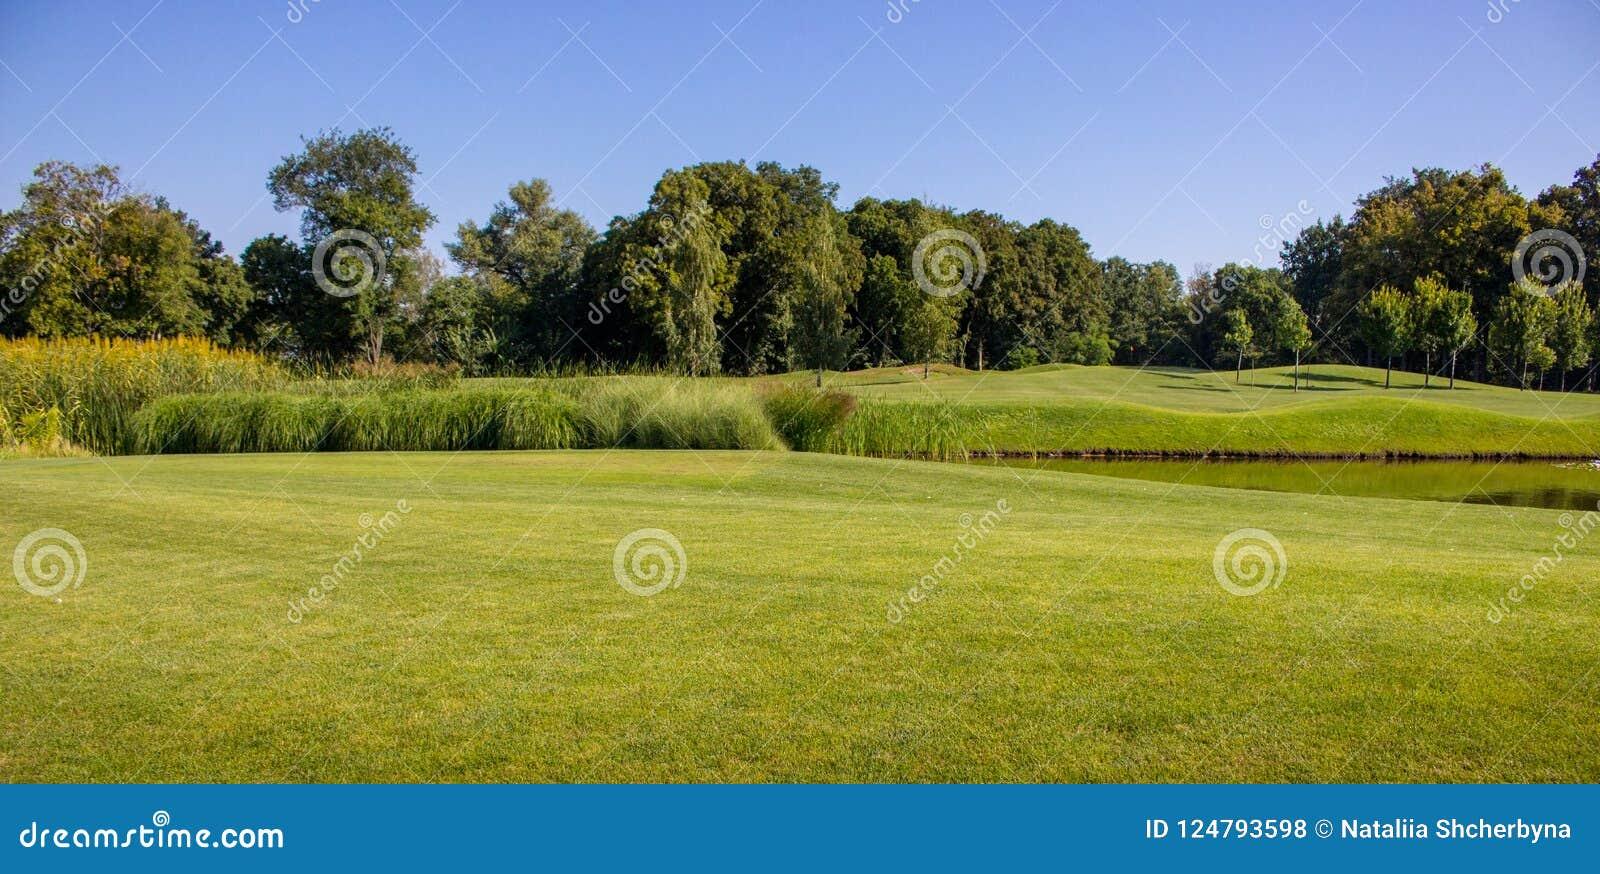 Schöner grüner Sommerweg mit Teich und Bäume gegen klaren blauen Himmel Frühling und Sommerparklandschaft Golffeld mit See